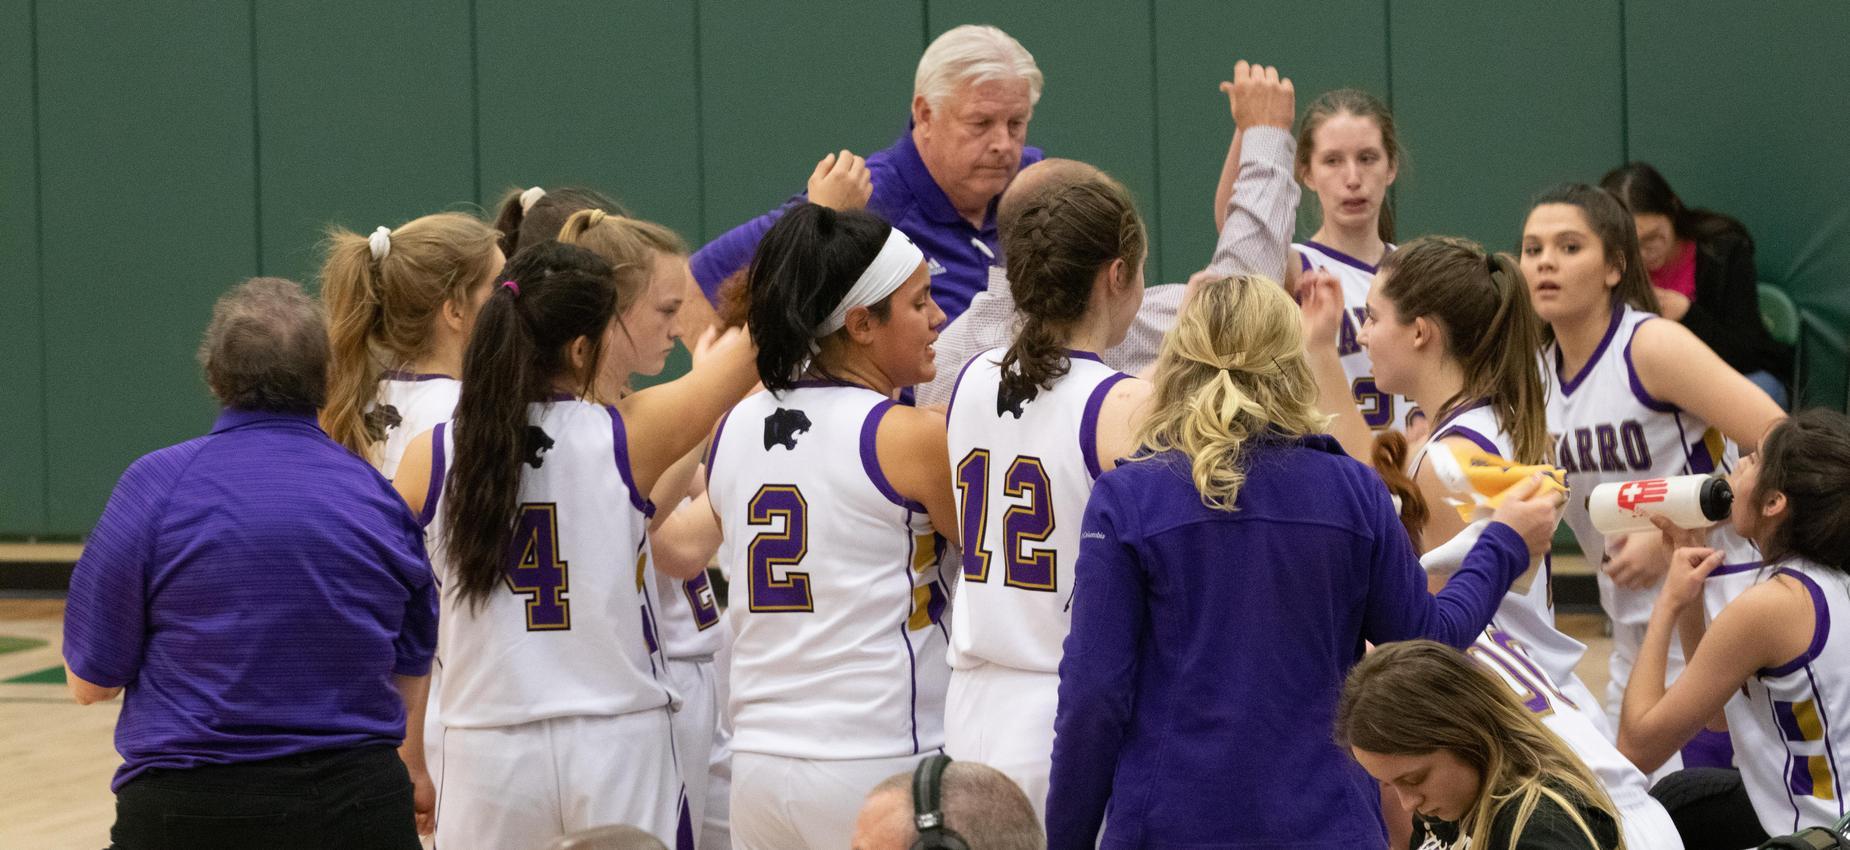 Girls huddled during basketball game